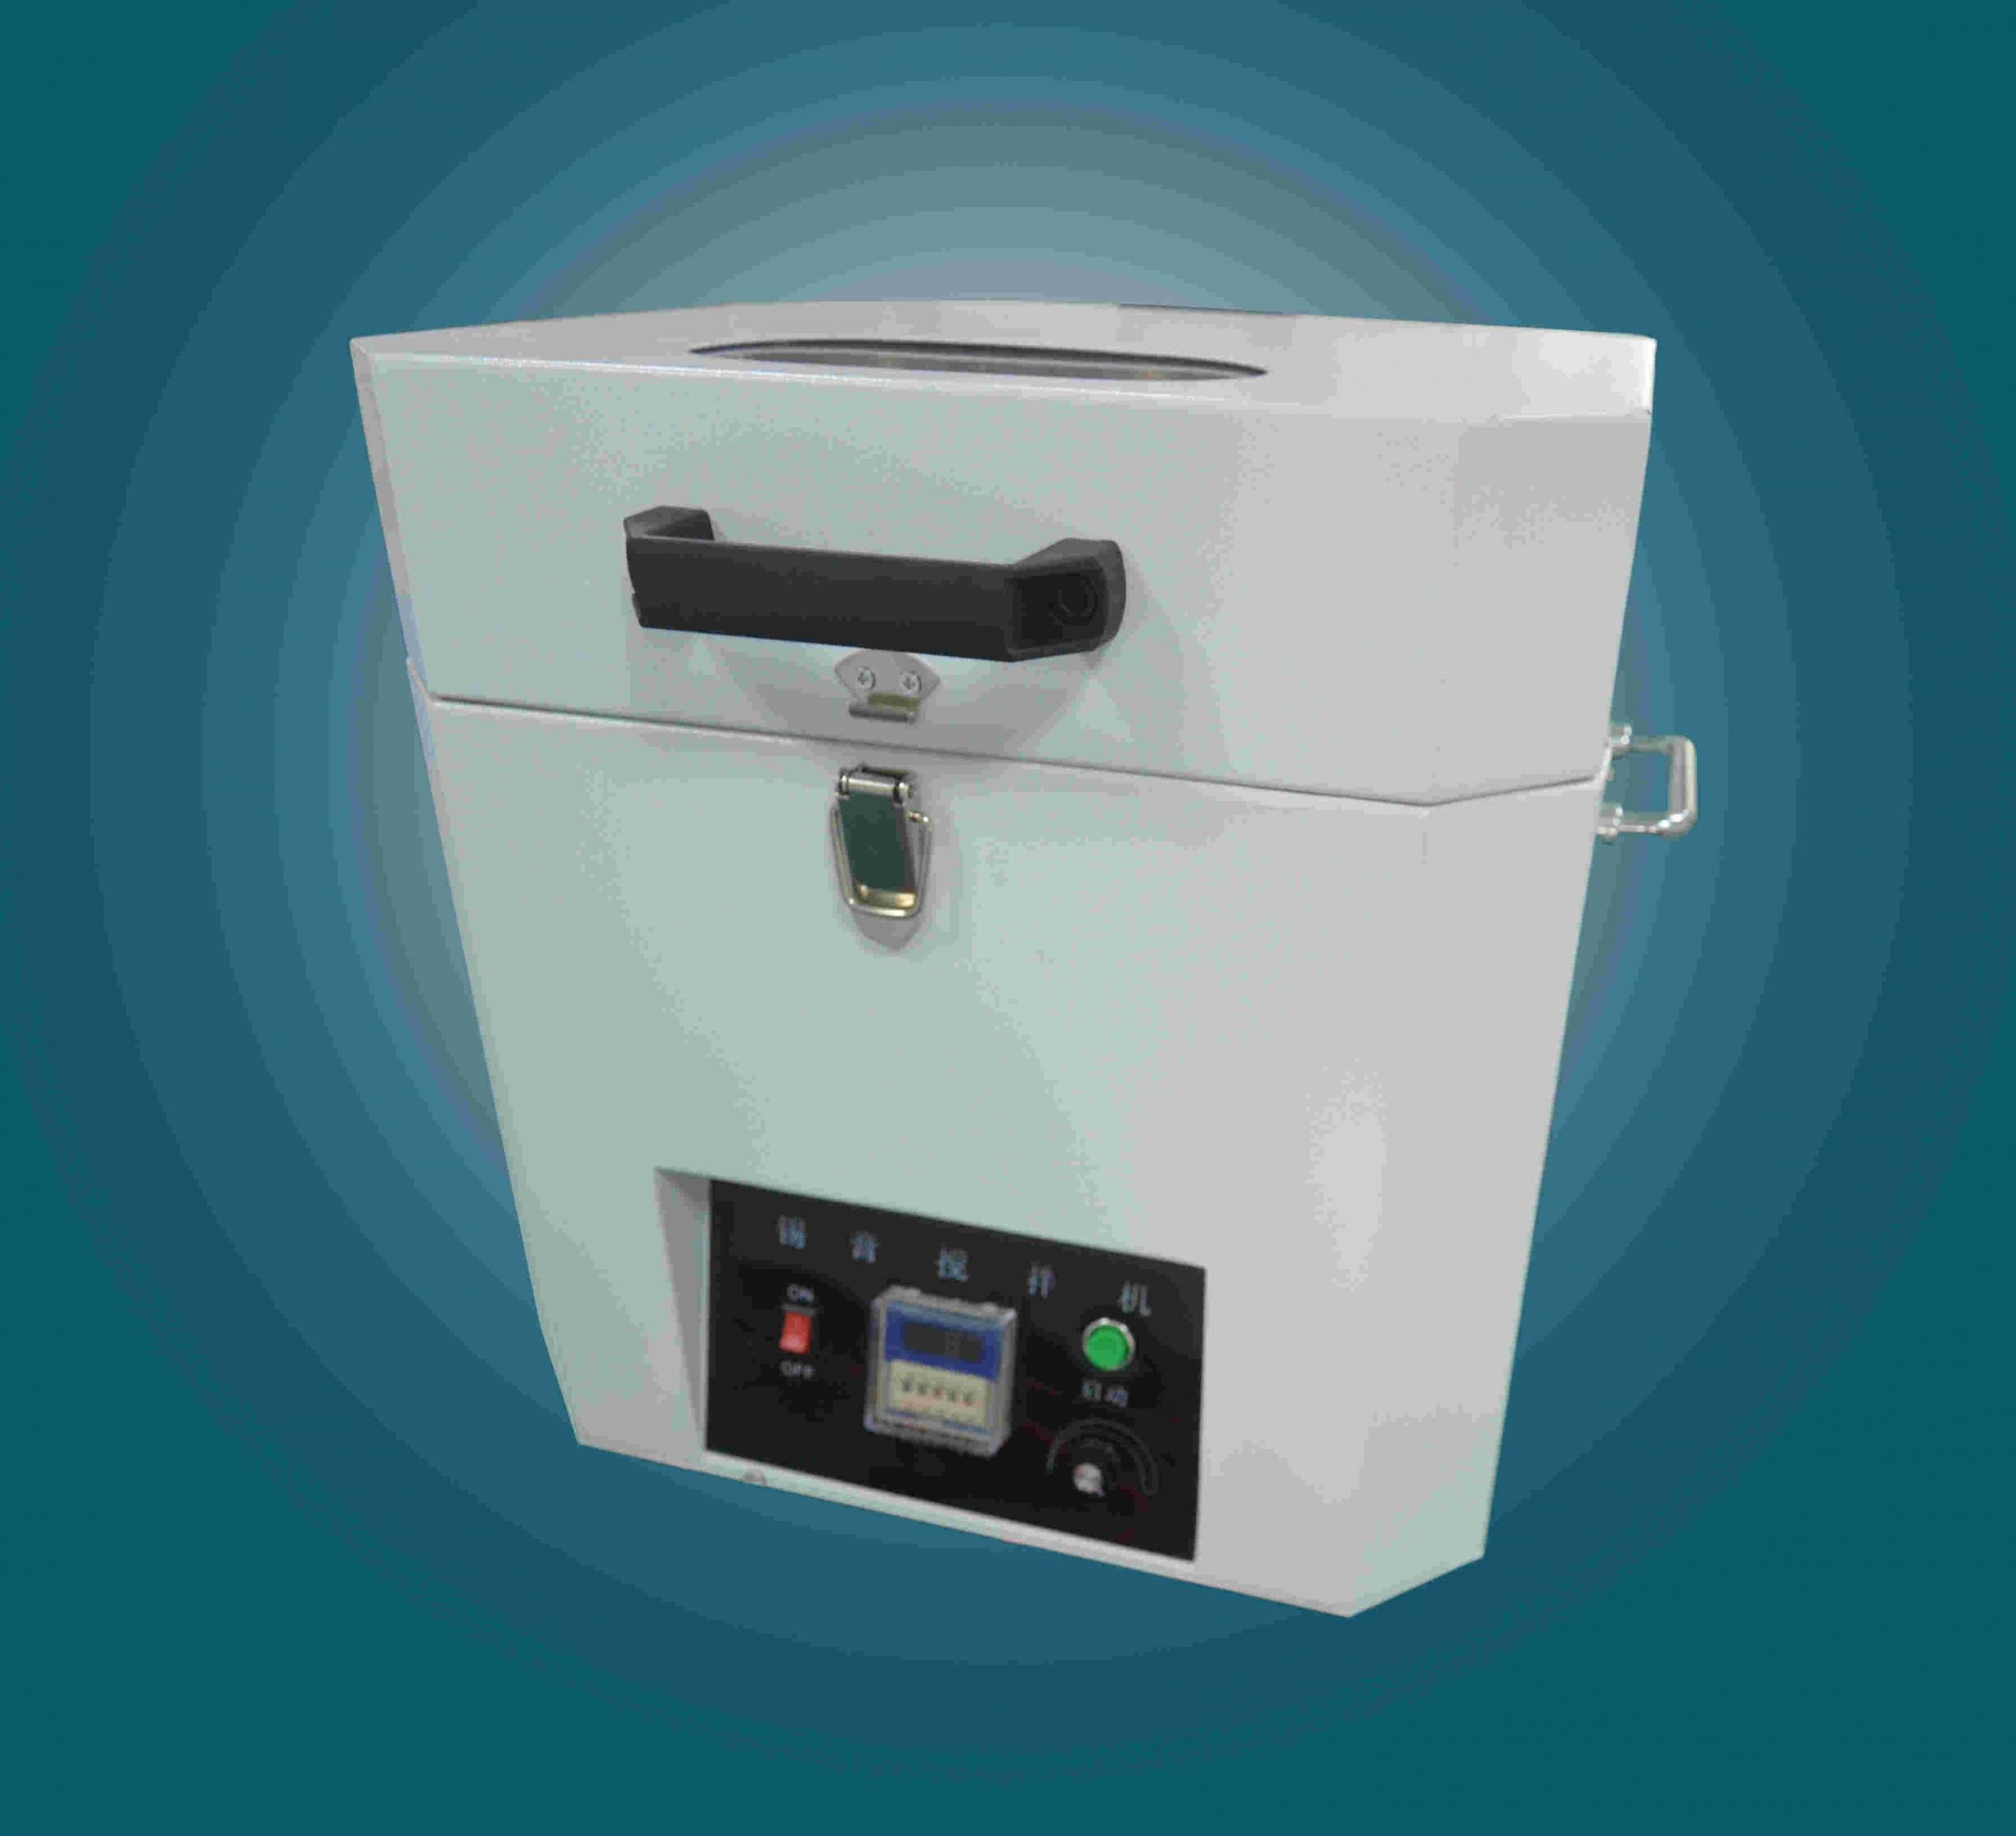 1000gTin Solder Paste Mixer